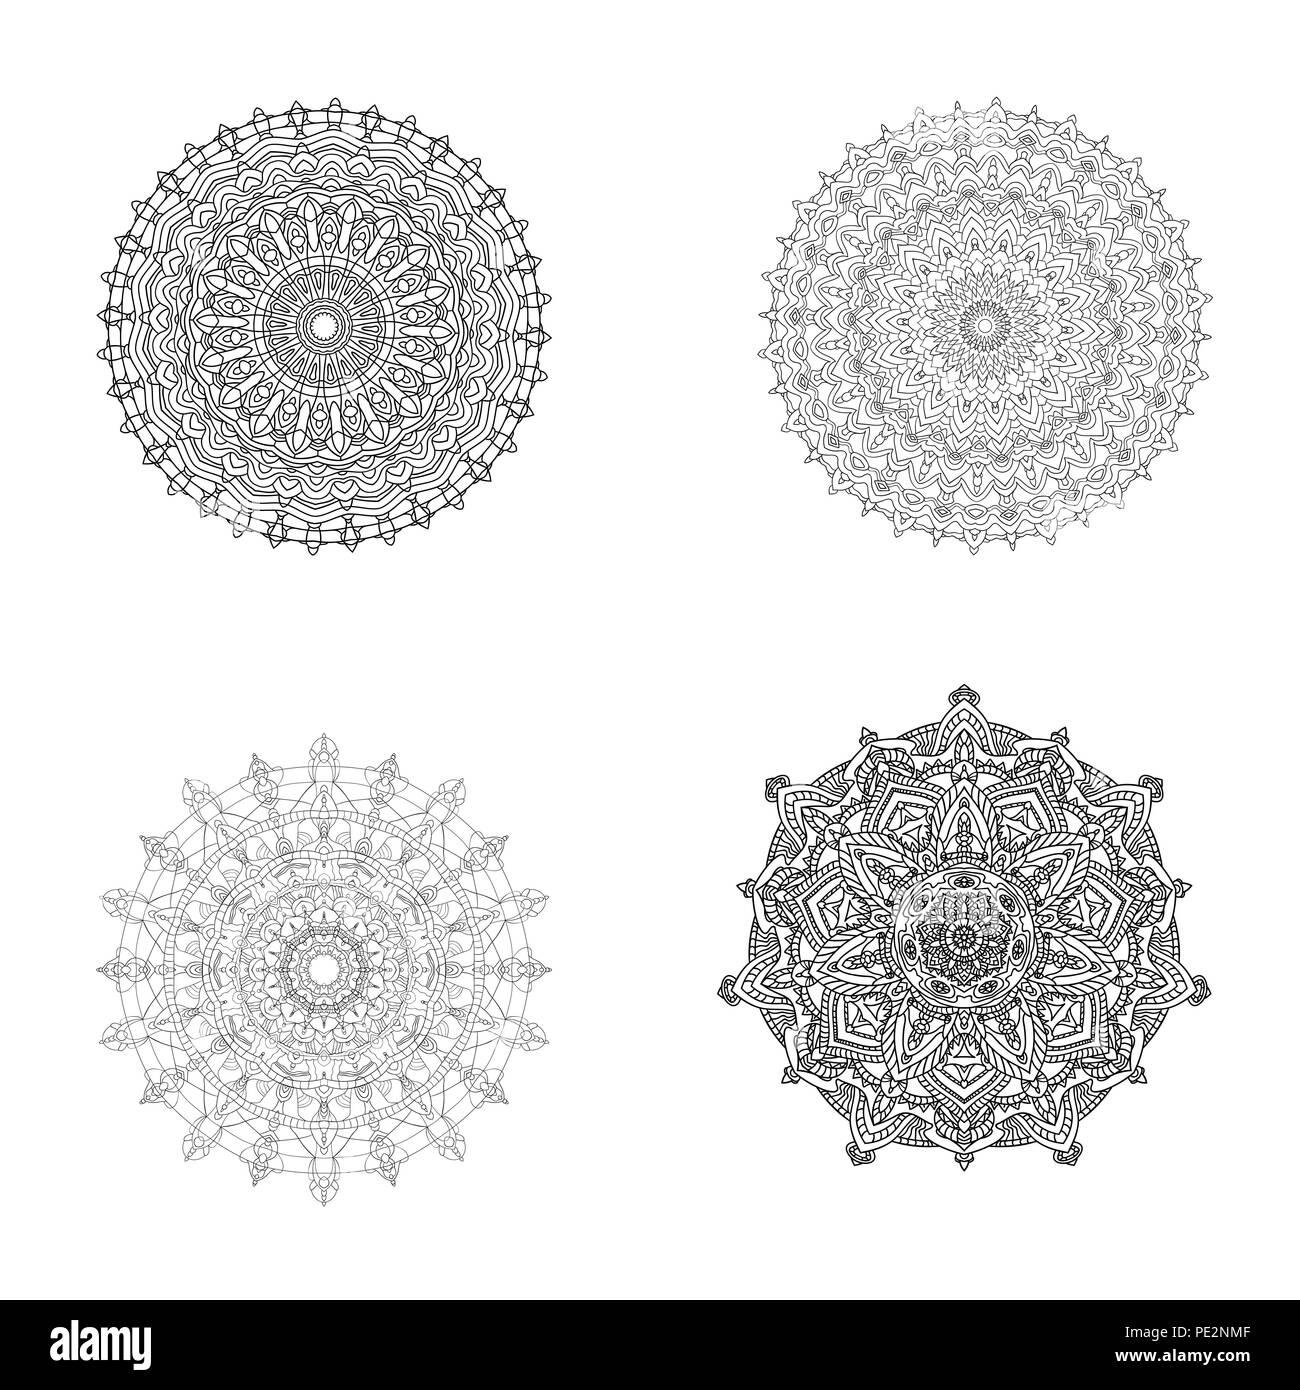 Coloriage Adulte Vintage.Ensemble De Noir Blanc Mandalas Elements De Decoration Vintage